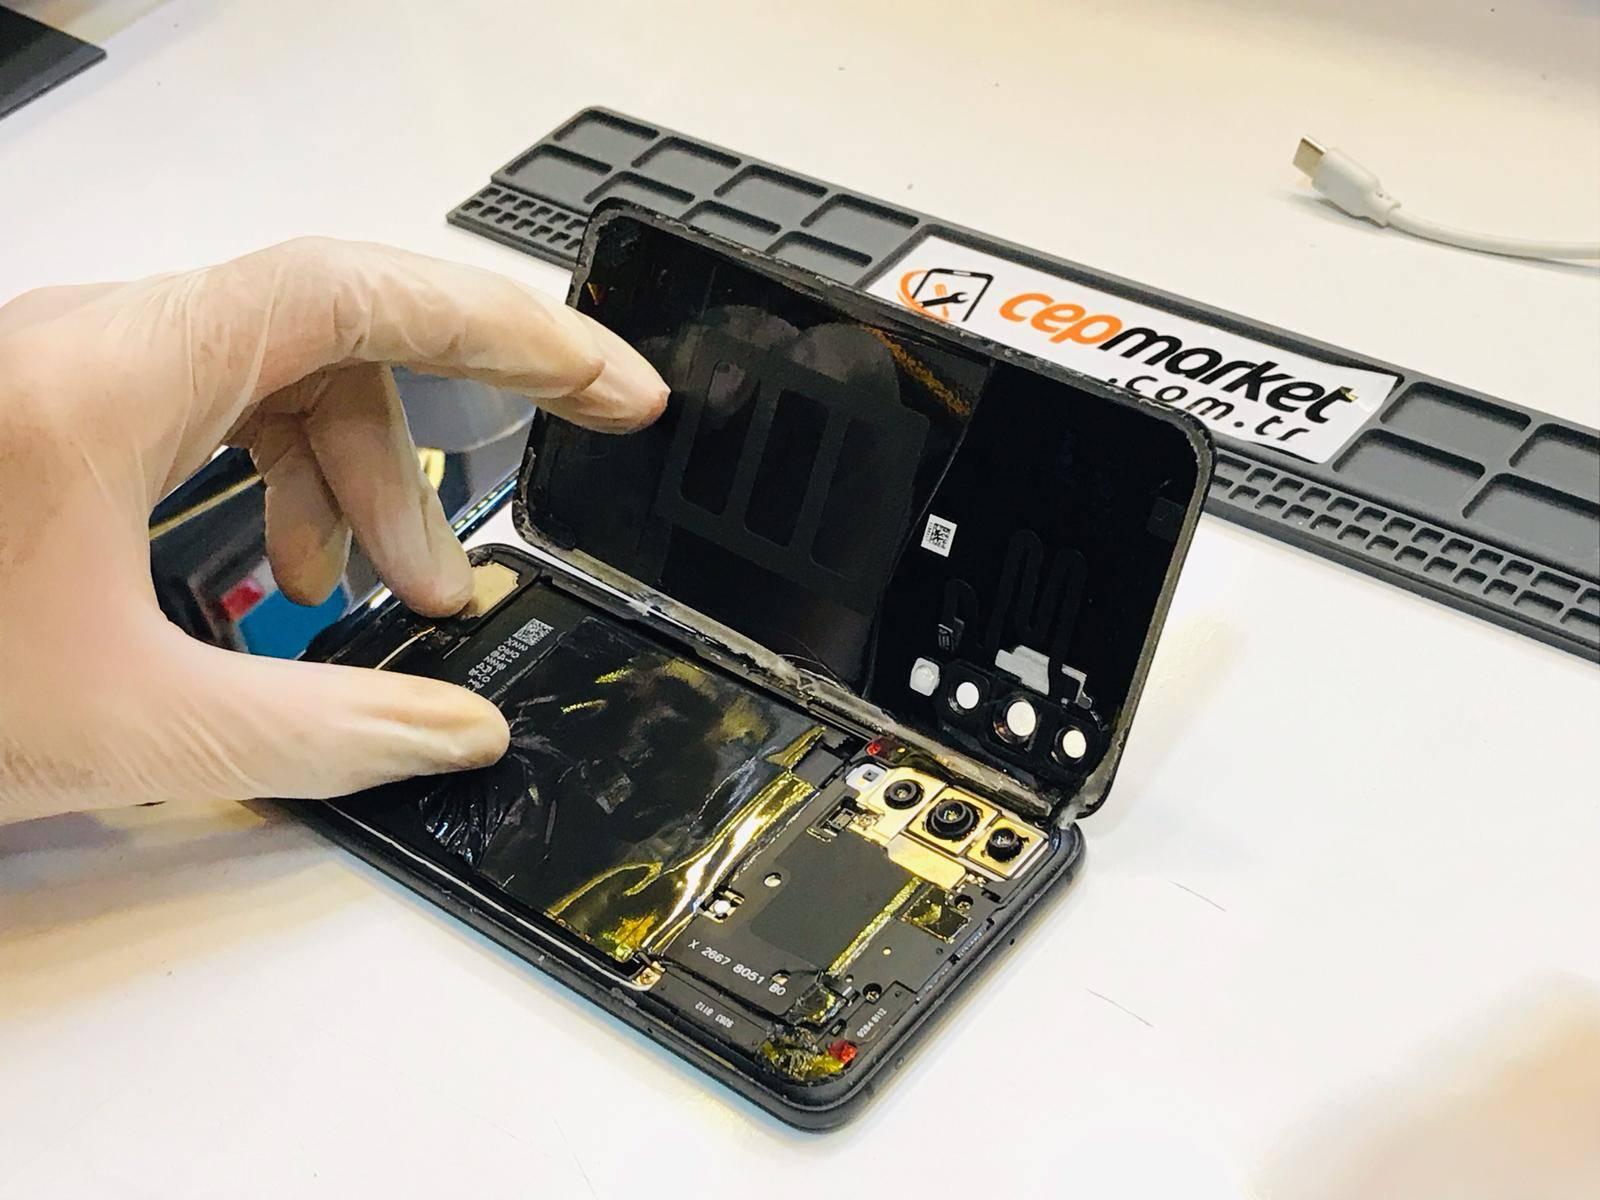 Yeni Batarya Aldım Şarj Olmuyor